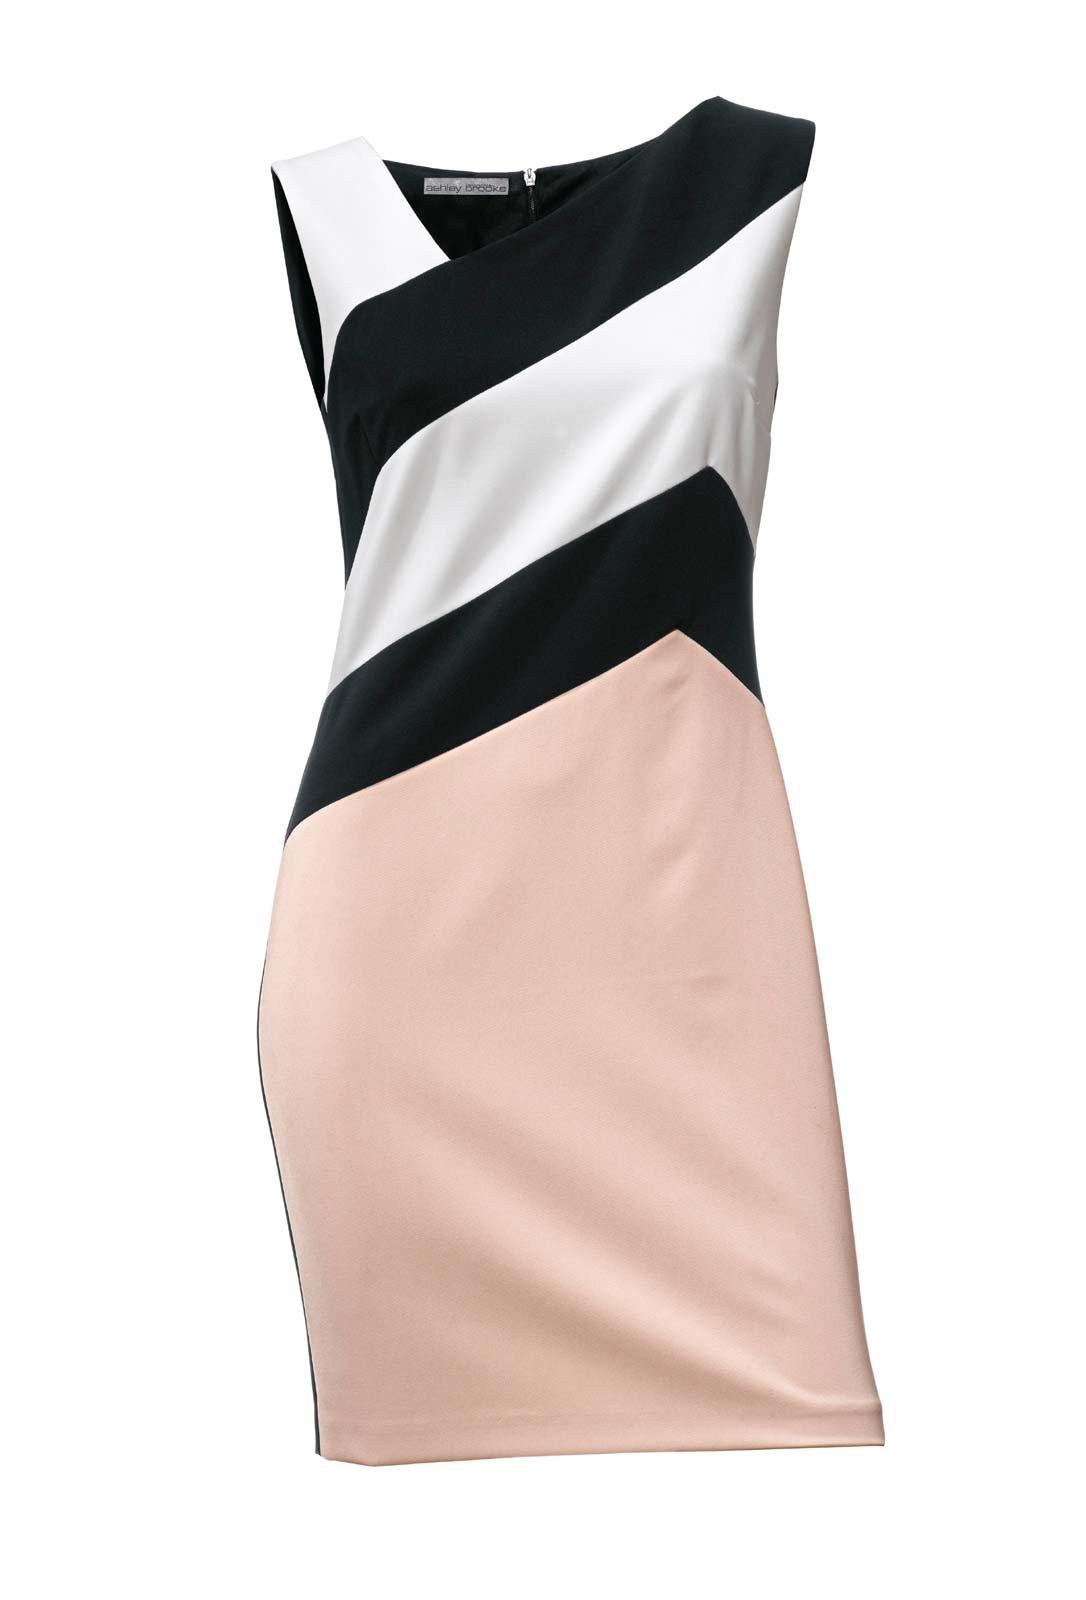 business kleider für damen ASHLEY BROOKE Damen Designer-Etuikleid Ärmellos Rosé-Schwarz-weiß Streifen 009.826 Missforty